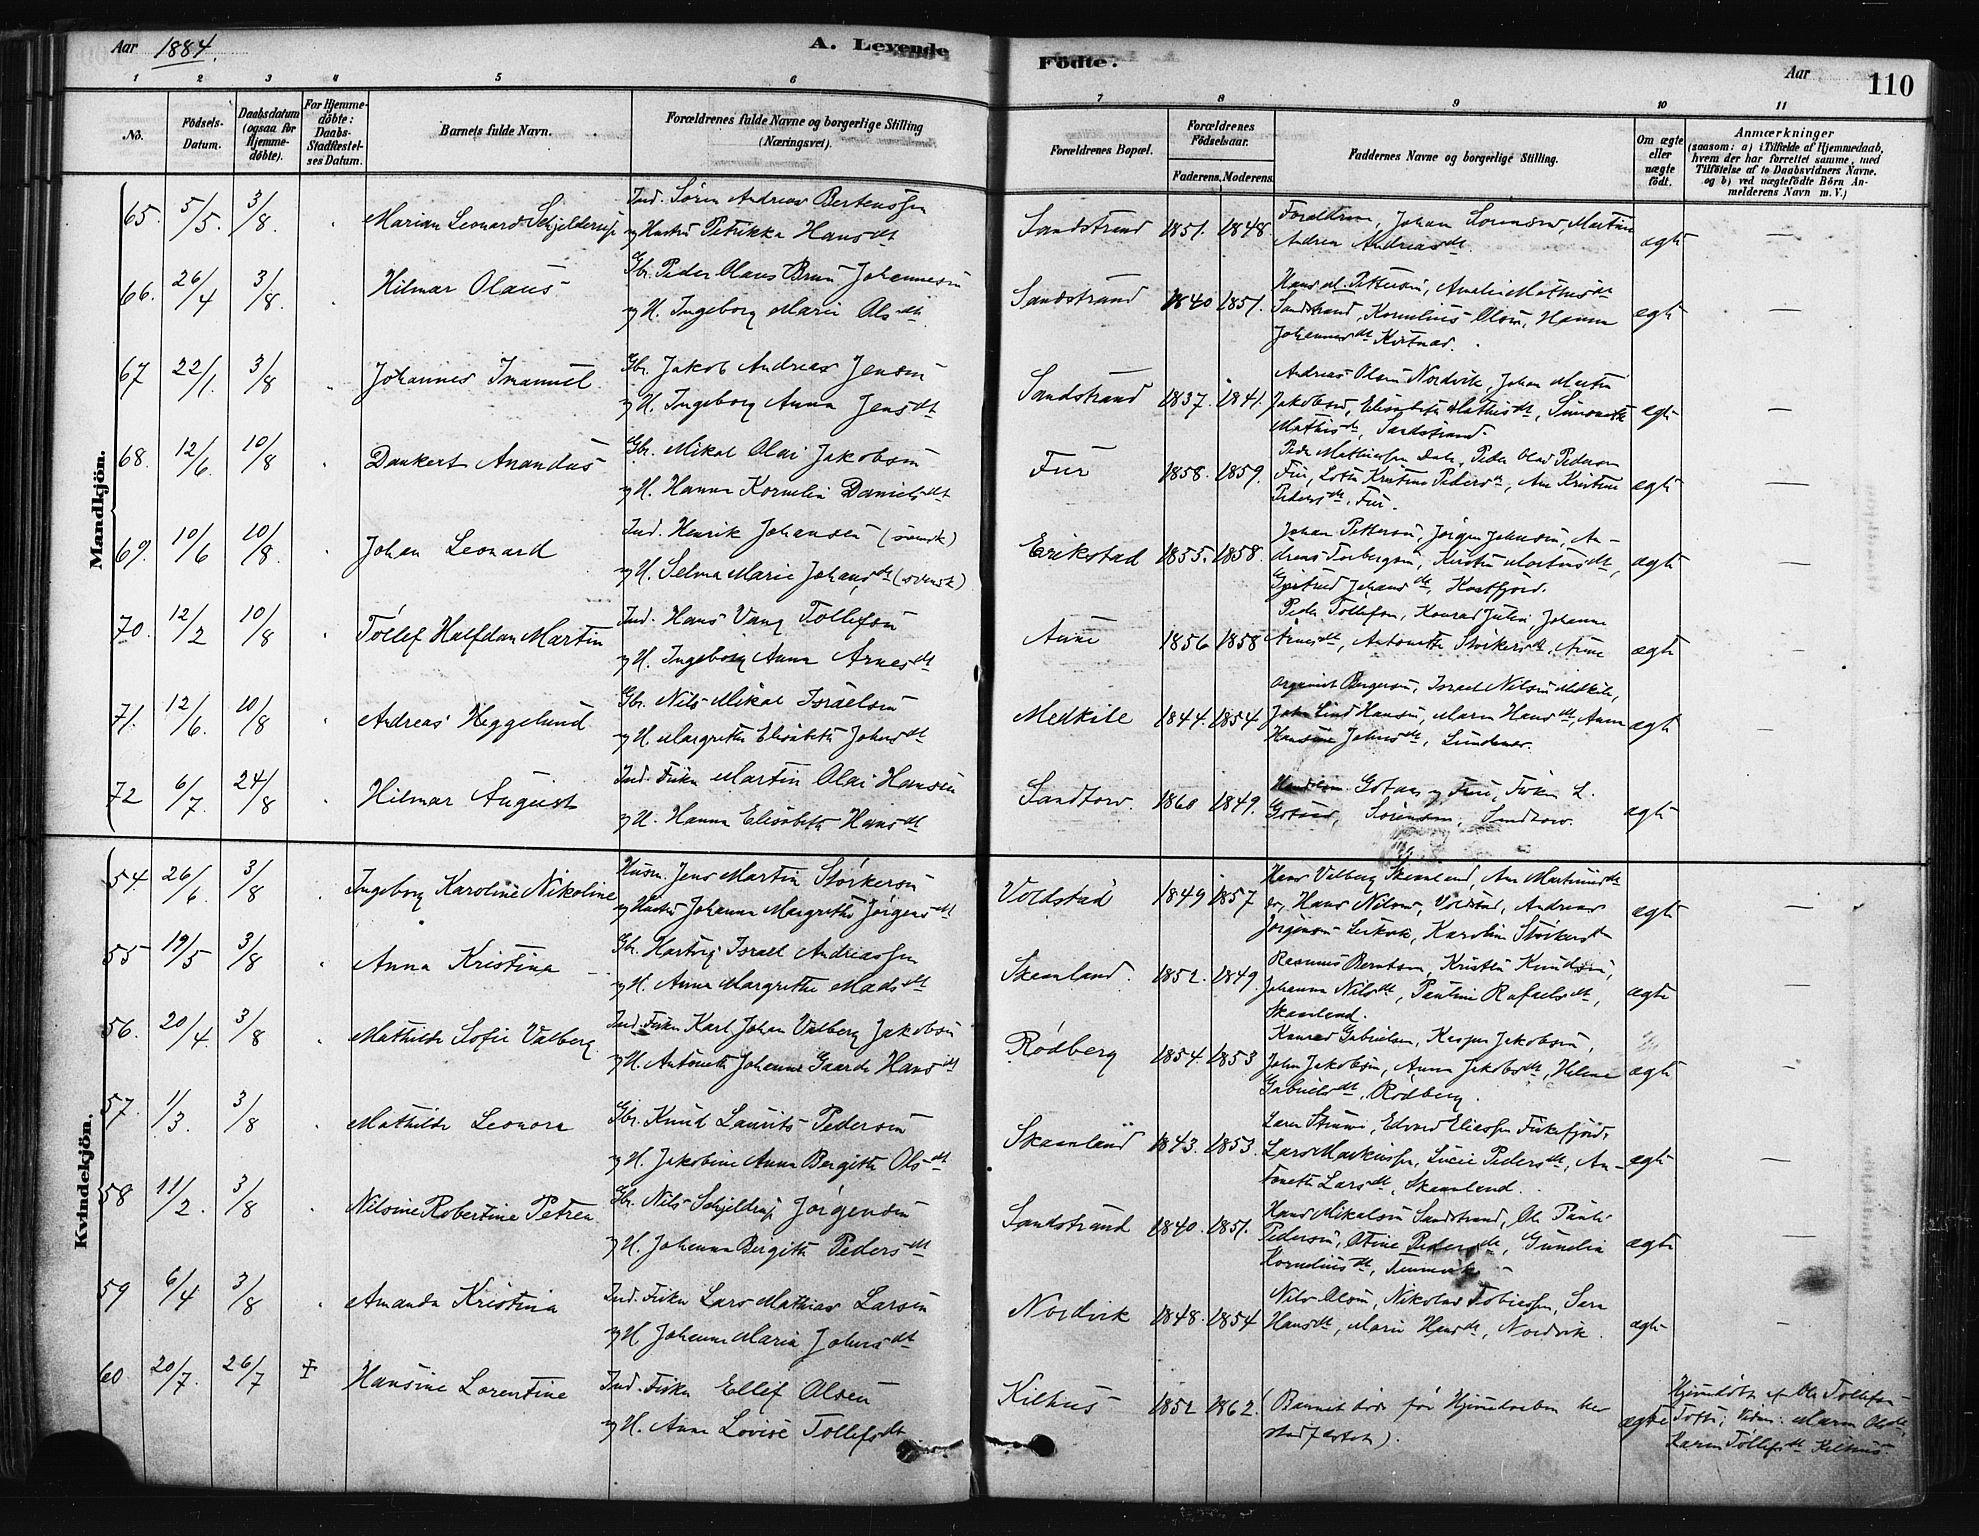 SATØ, Trondenes sokneprestkontor, H/Ha/L0014kirke: Ministerialbok nr. 14, 1878-1889, s. 110